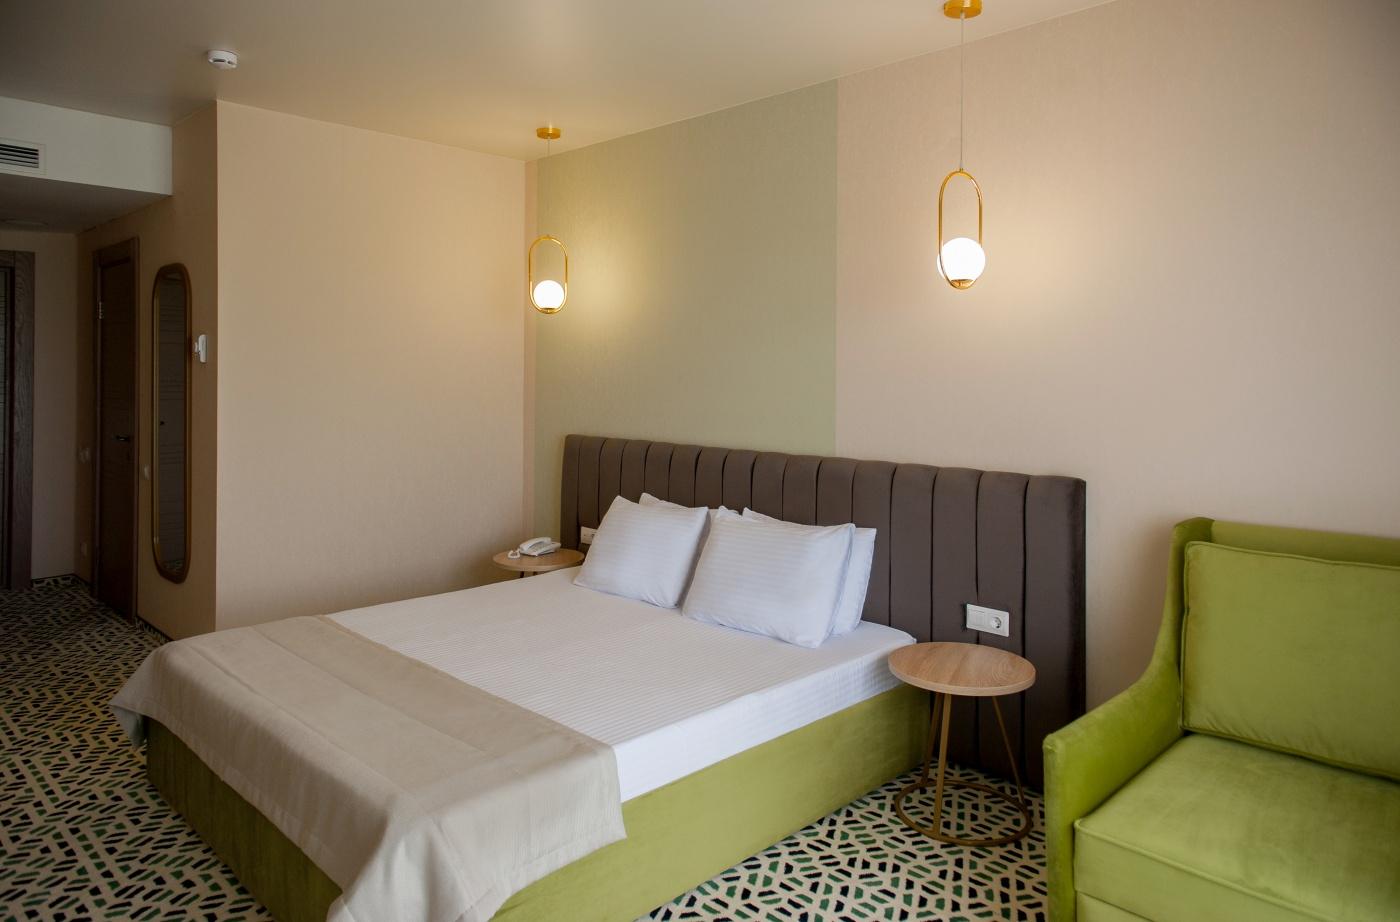 Отель «Aurum Family Resort & Spa» Краснодарский край Standard 2-местный (в корпусе), фото 2